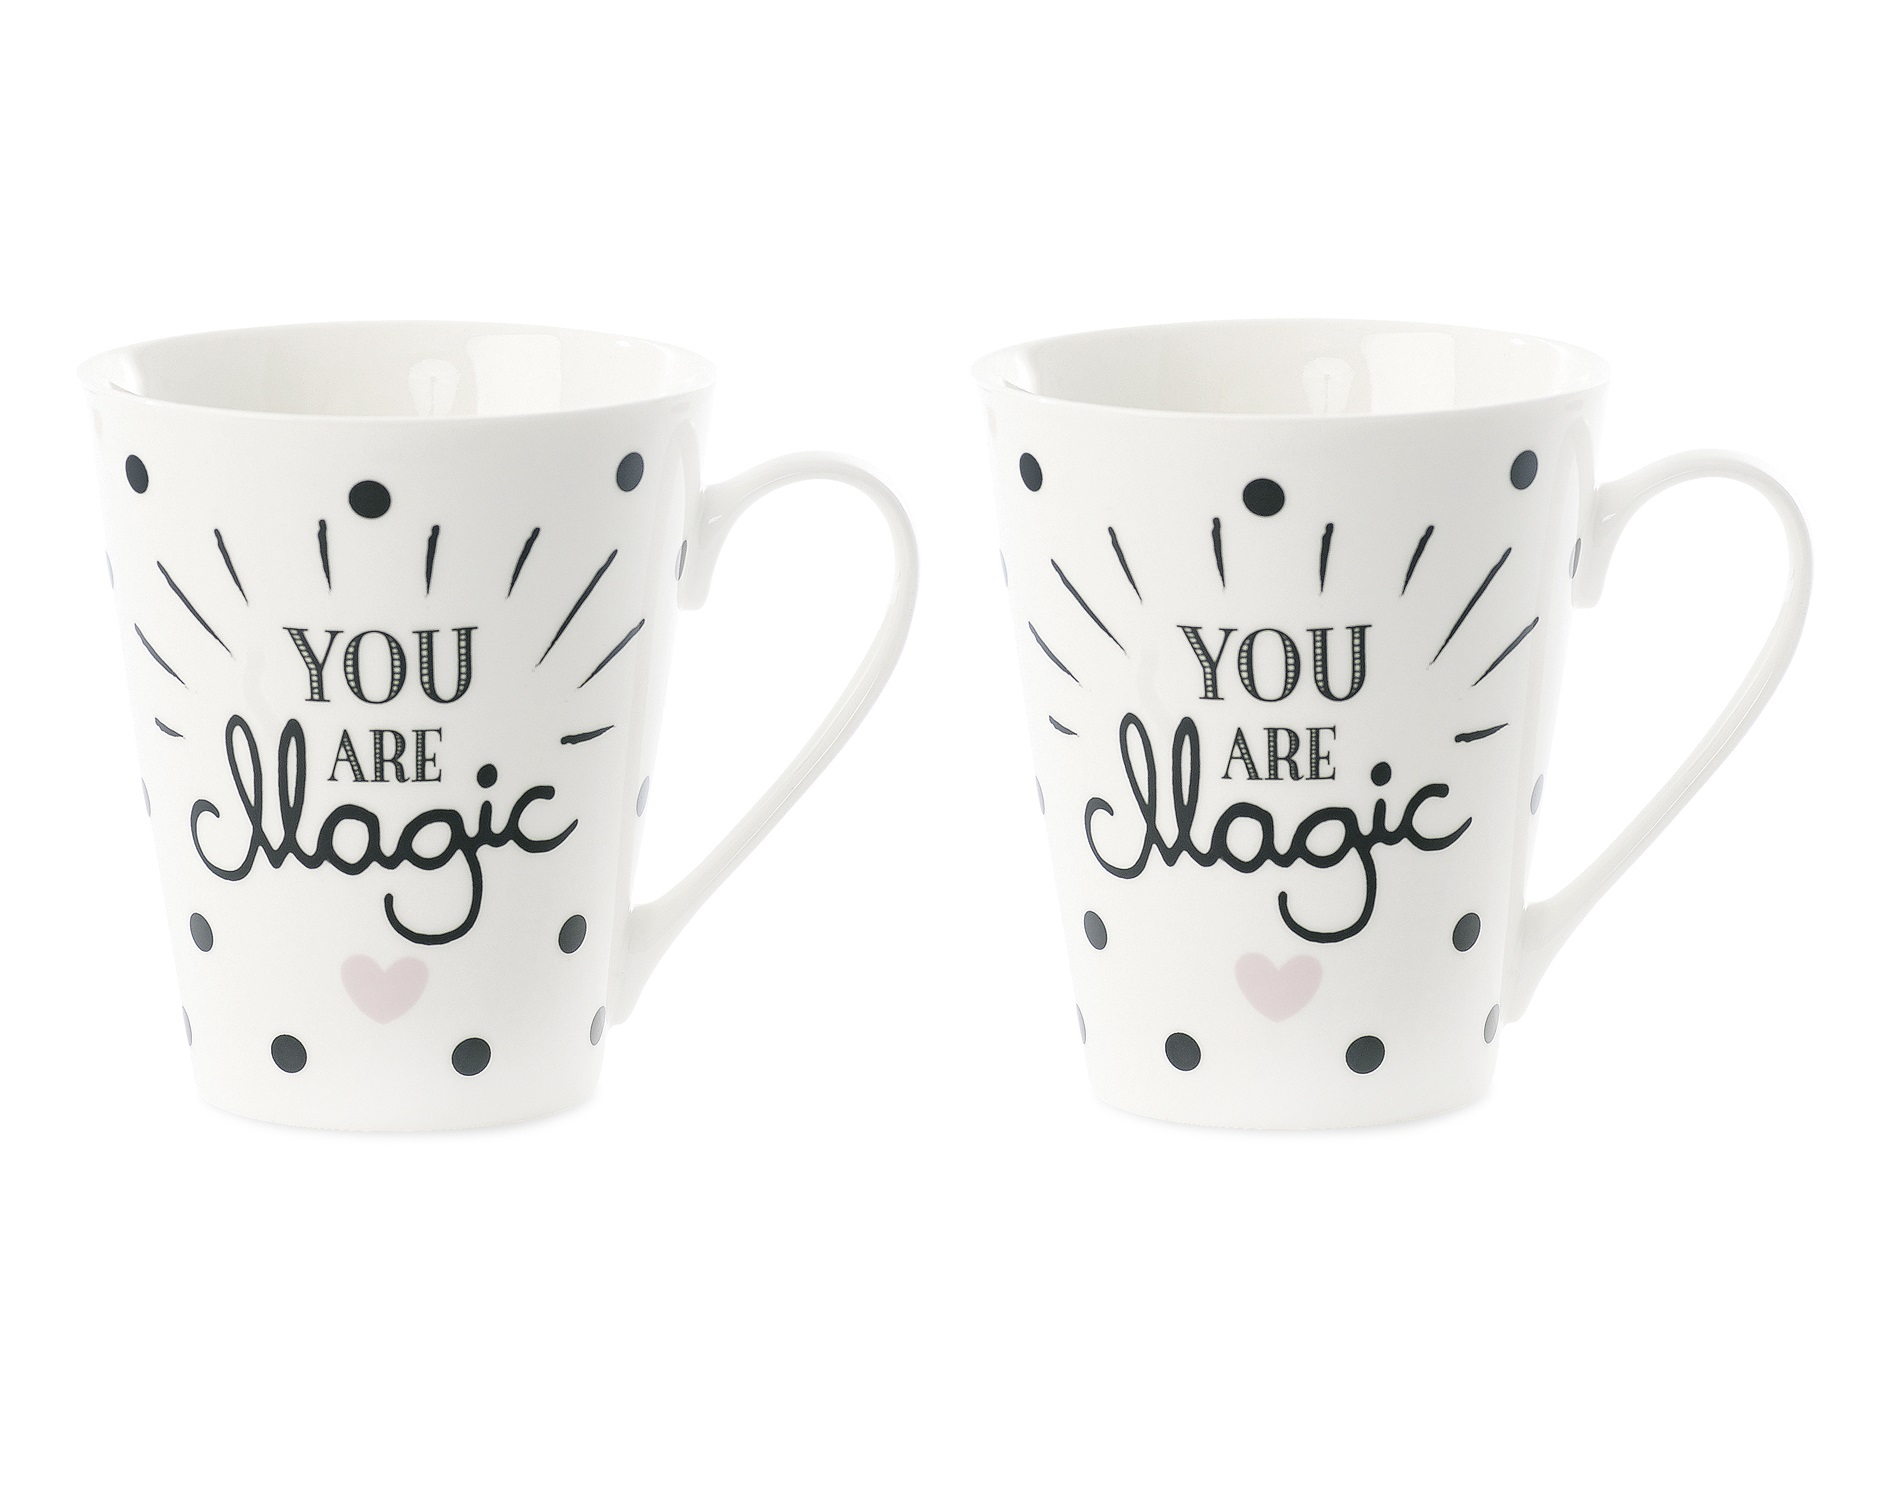 Набор кофейных чашек (2шт)Чайные пары, чашки и кружки<br>Чаепитие – настоящее магическое действо, во время которого можно получить море удовольствий сразу. С посудой Miss Etoile ко всем приятностям добавится и эстетическое наслаждение от красивой сервировки. Эта милая чашка выглядят женственно и изящно, в сочетании с ароматным чаем и круассаном она создаст настроение булочной Парижа.&amp;amp;nbsp;&amp;lt;div&amp;gt;&amp;lt;br&amp;gt;&amp;lt;/div&amp;gt;&amp;lt;div&amp;gt;Объем 250 мл.&amp;amp;nbsp;&amp;lt;/div&amp;gt;&amp;lt;div&amp;gt;В наборе 2 шт. (H:10 ?:8,5 см)&amp;lt;/div&amp;gt;<br><br>Material: Керамика<br>Length см: None<br>Width см: None<br>Height см: 10<br>Diameter см: 9